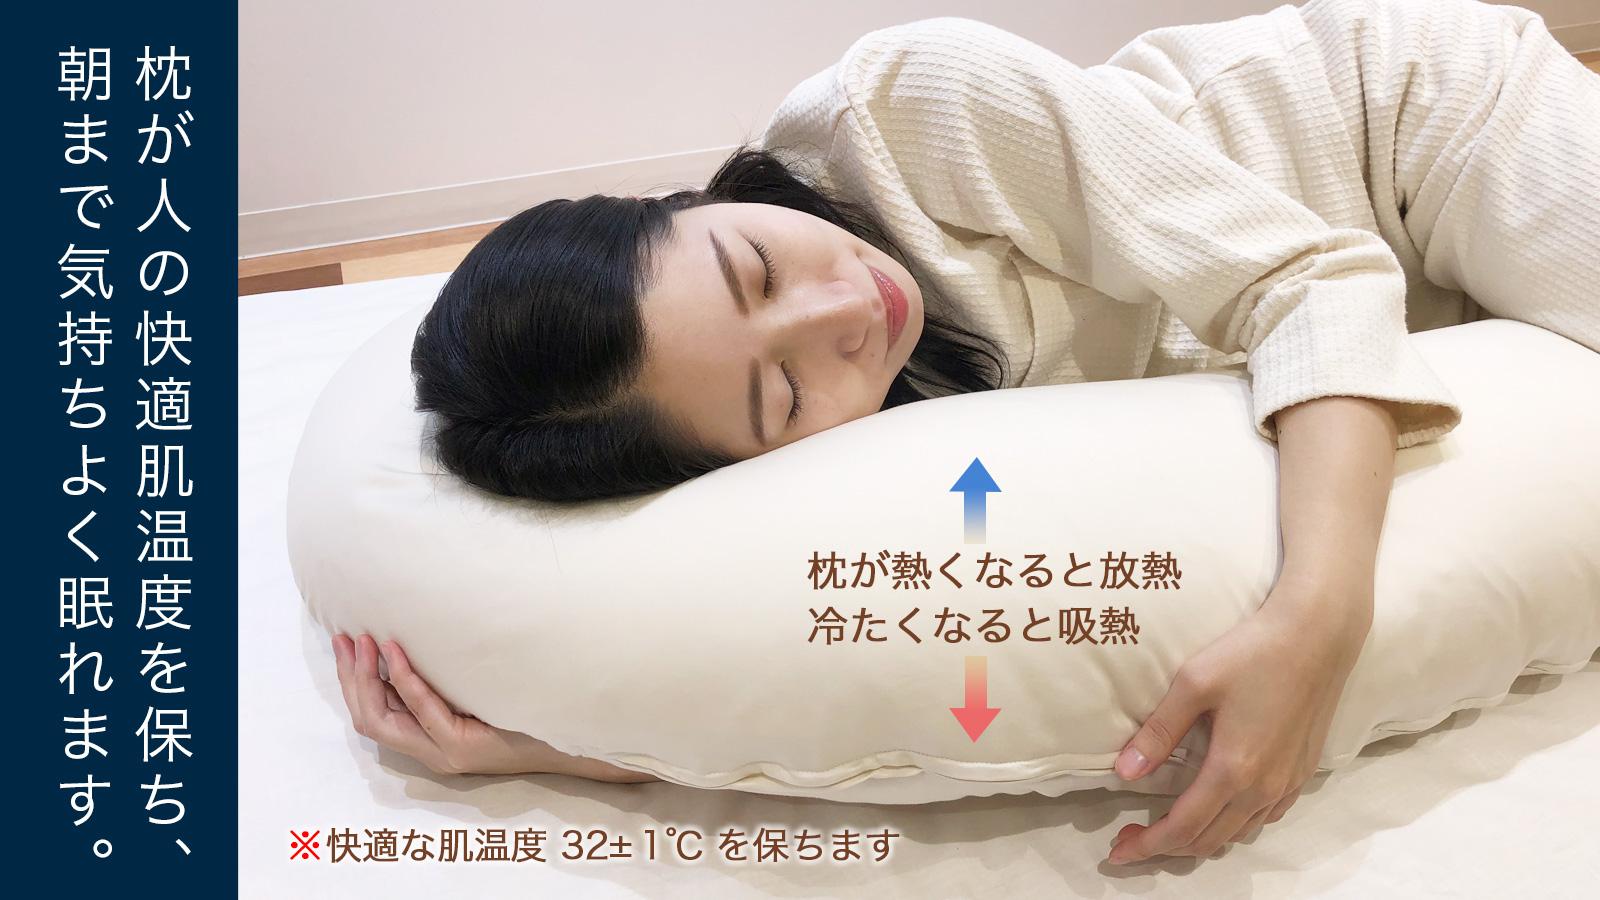 枕が人の快適肌温度を保ち、朝まで気持ちよく眠れます。